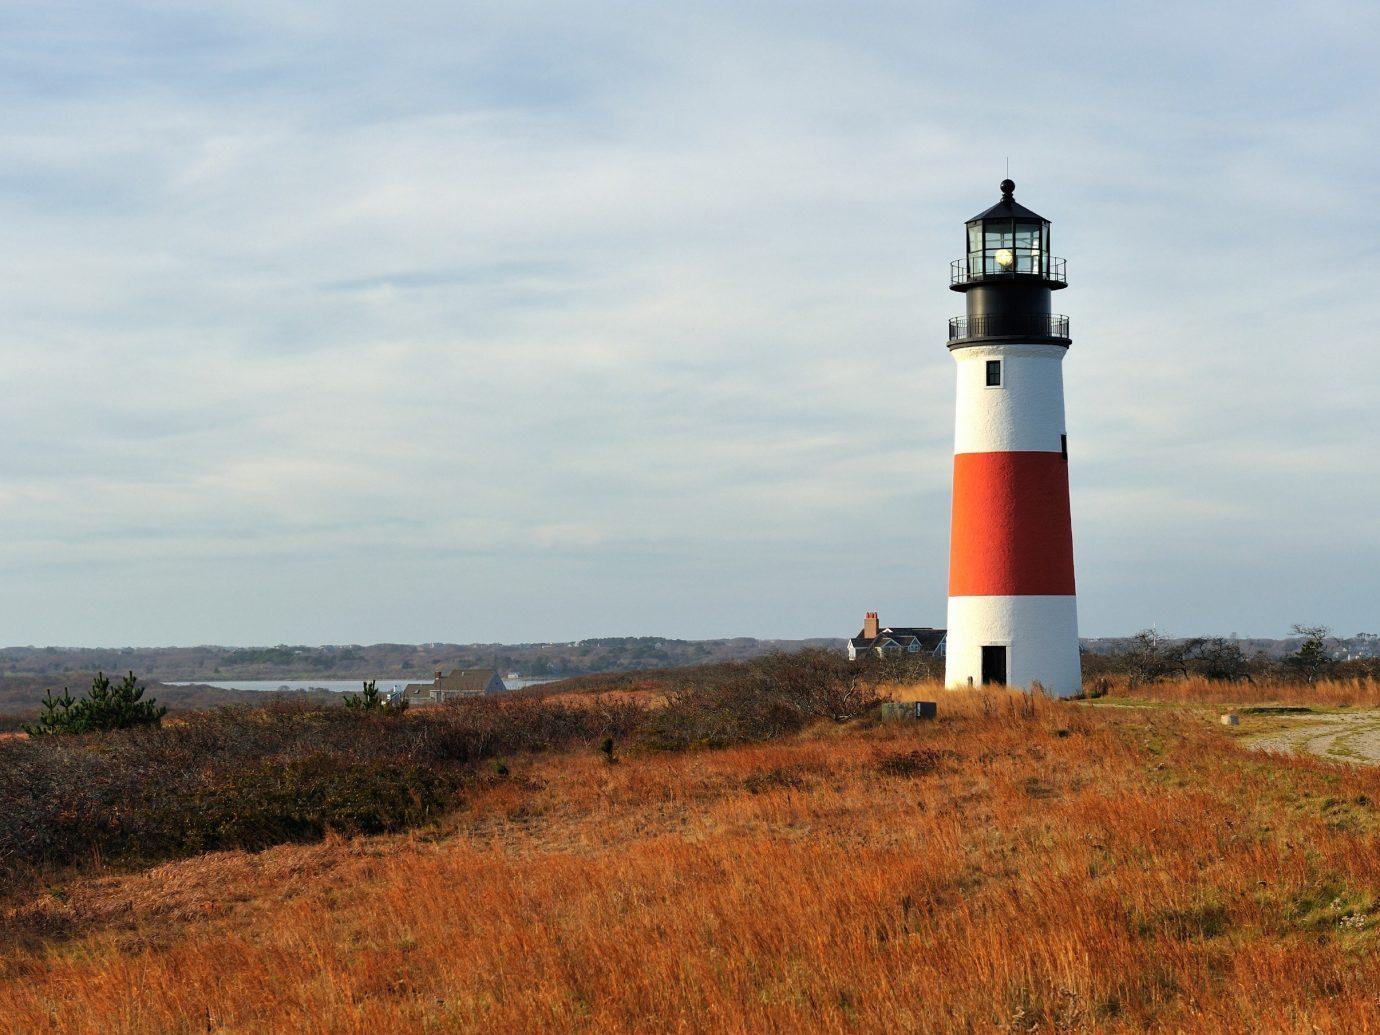 Lighthouse in Nantucket Massachusetts